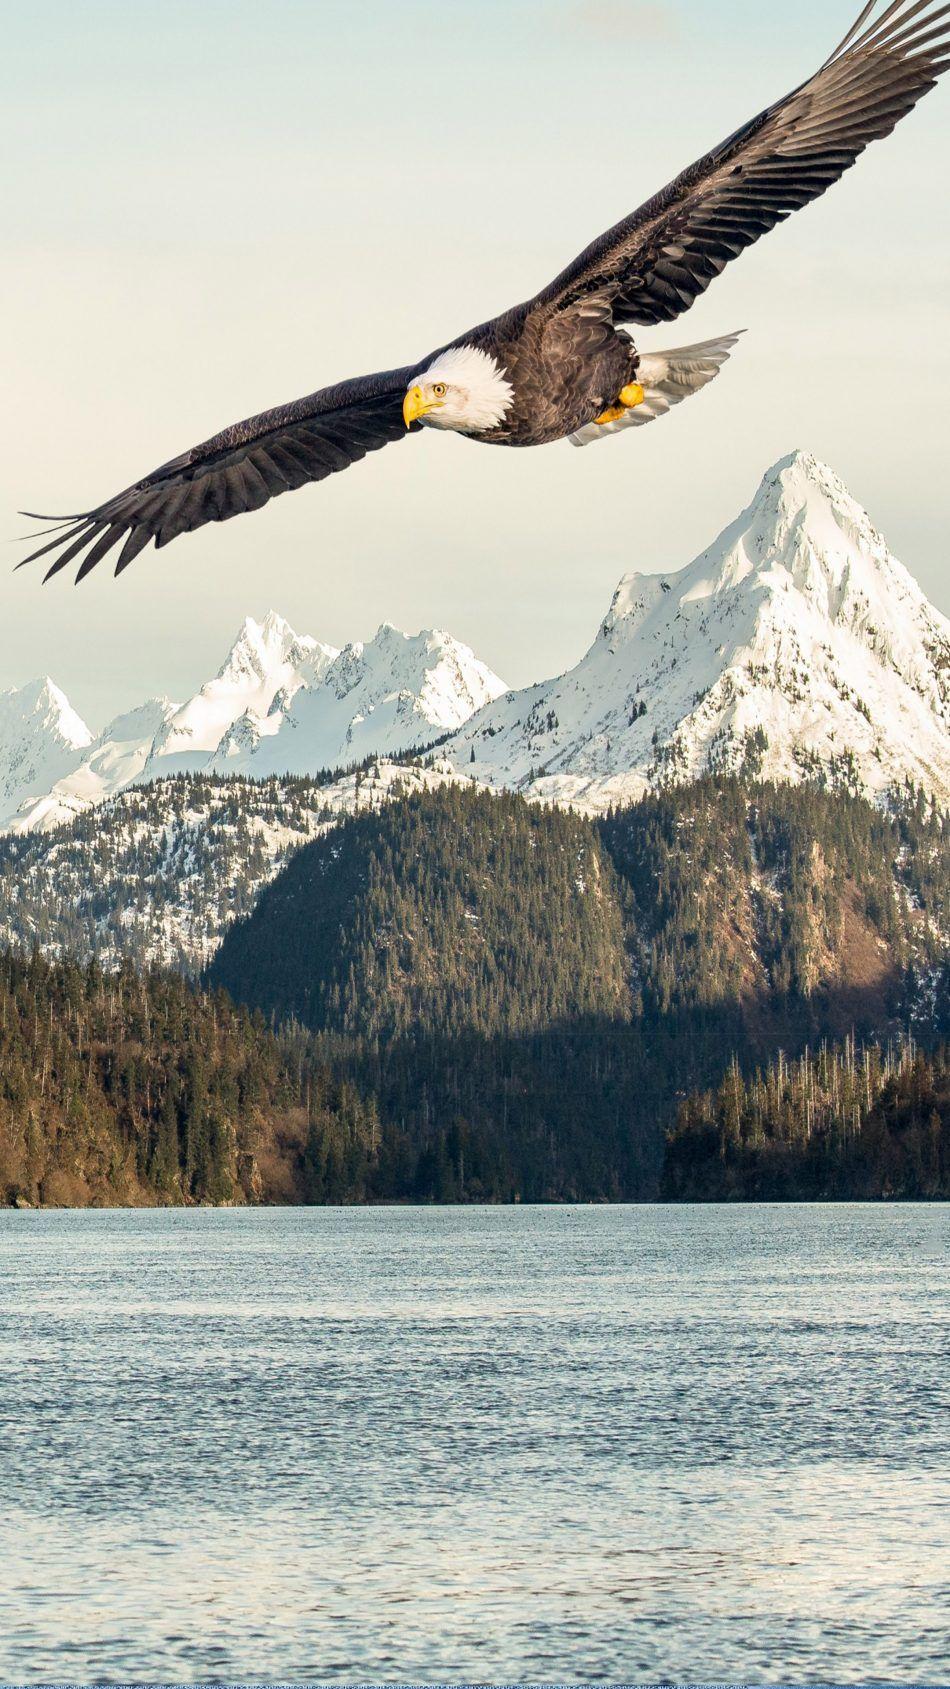 Eagle Mountains Lake Eagle Wallpaper Bald Eagle Eagle